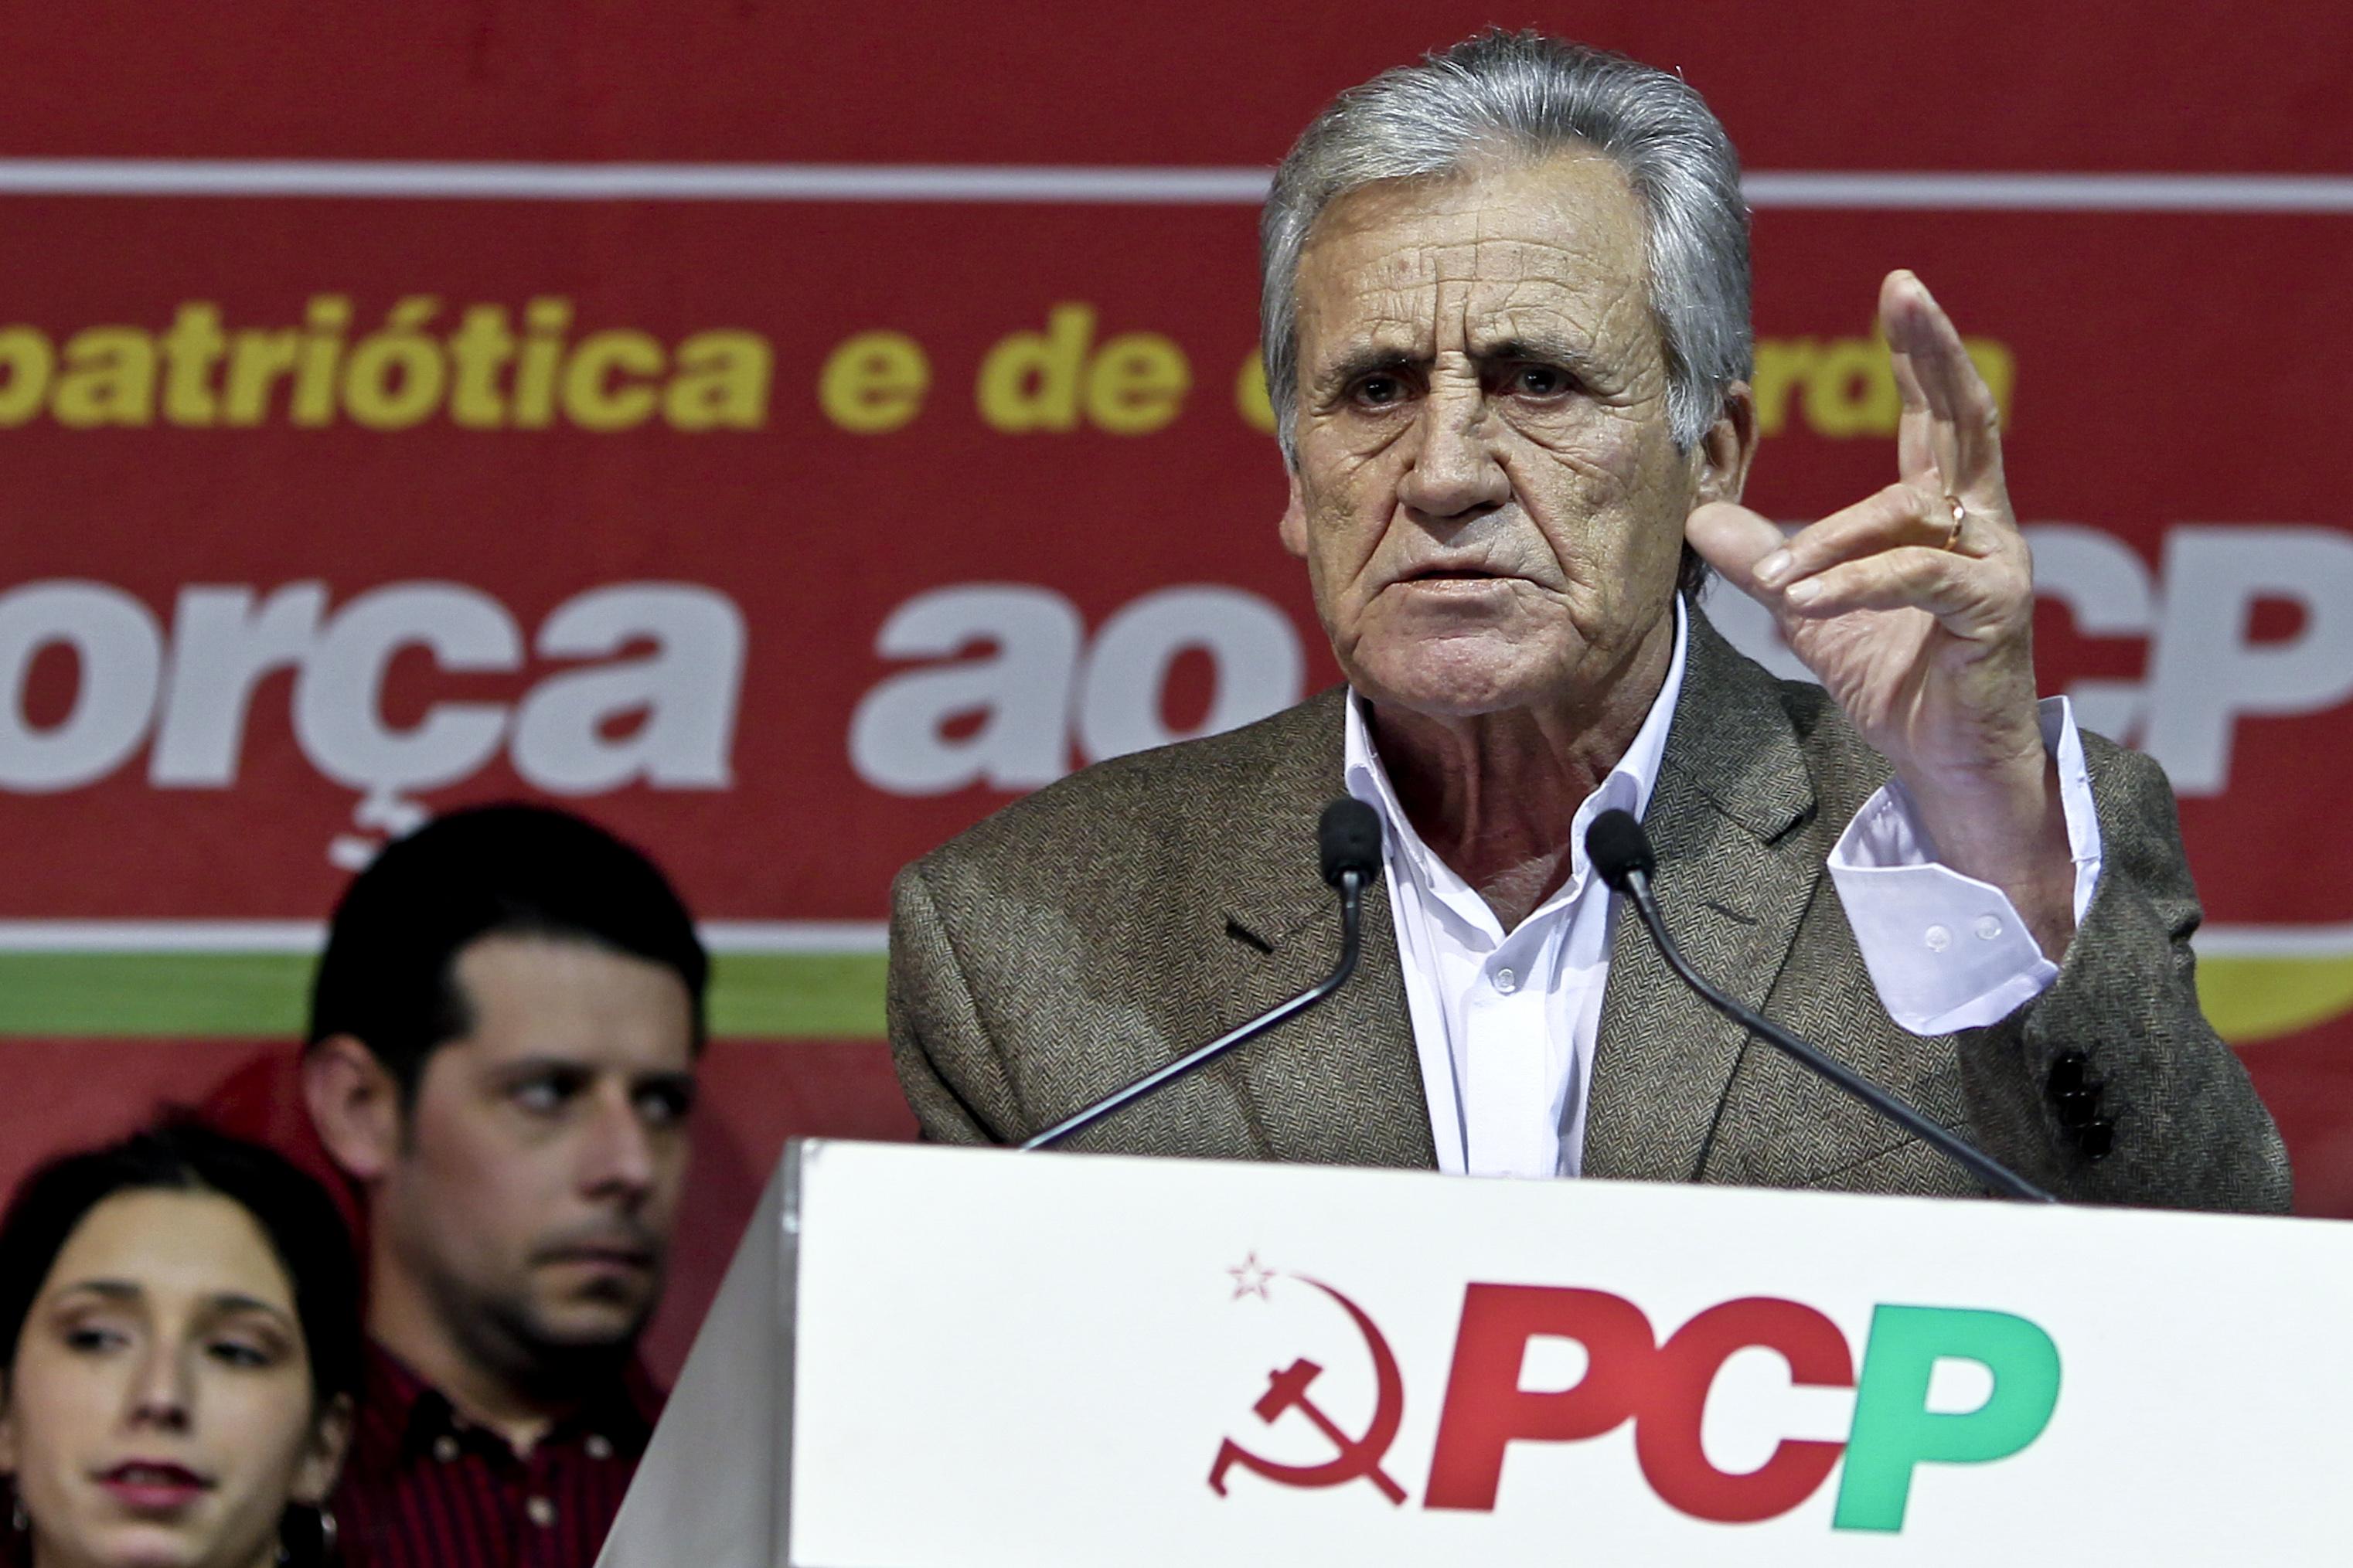 """Jerónimo de Sousa quer fim dos """"estrangulamentos"""" provocados pelo euro e pela dívida"""